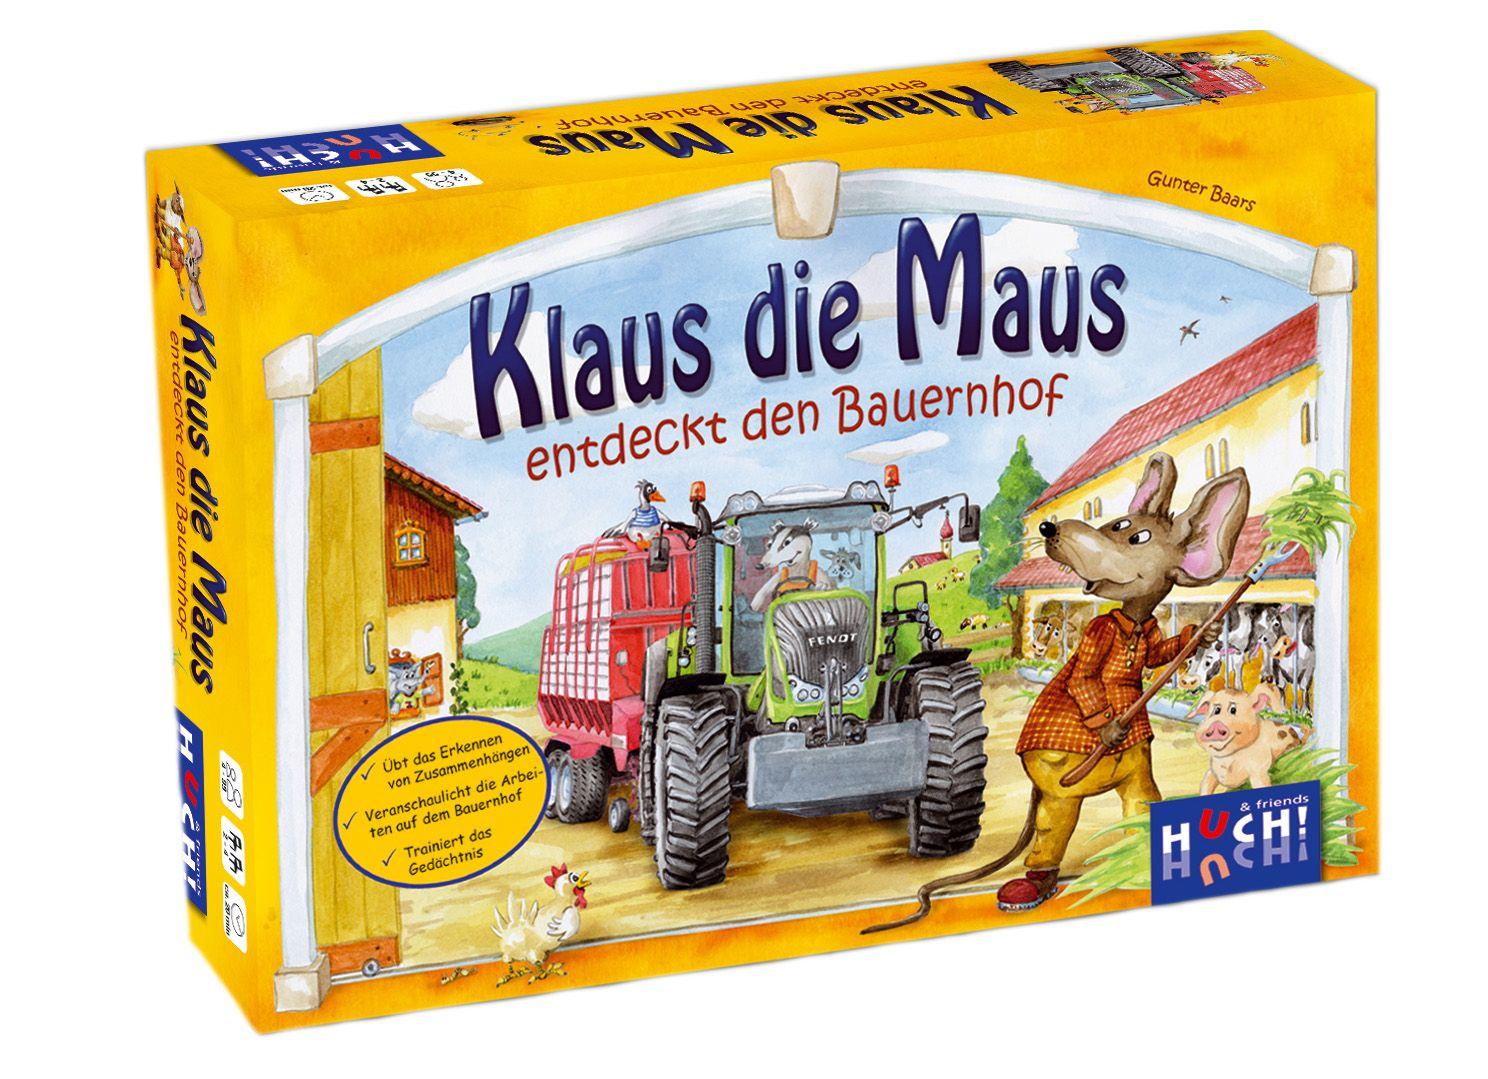 HUCH FRIENDS Huch! & friends Kinderspiel, »Klaus die Maus entdeckt den Bauernhof«